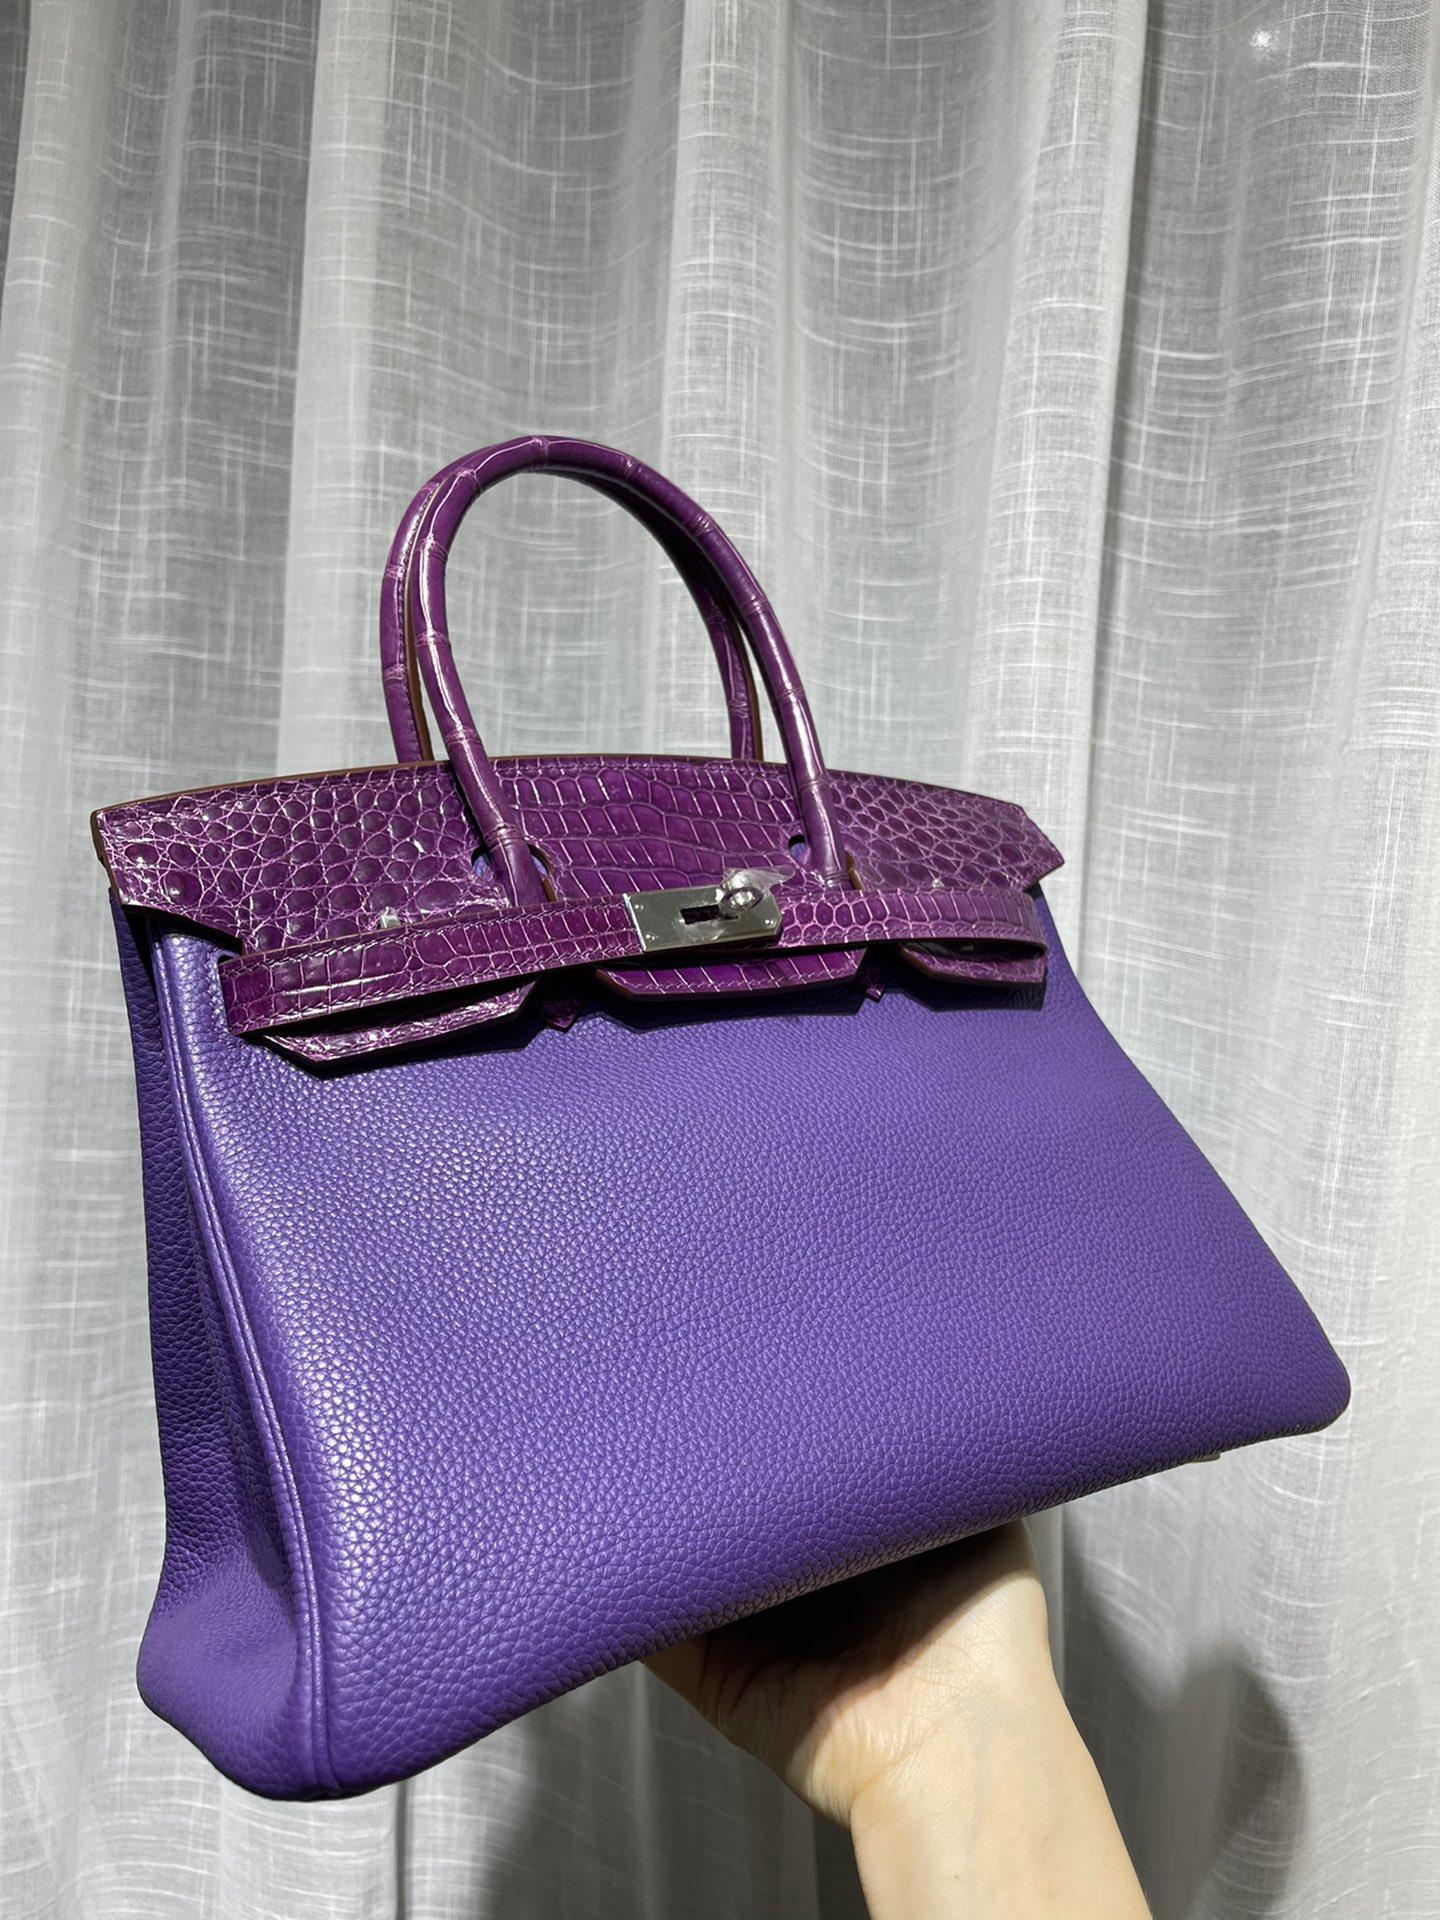 紫色手提包 尼罗鳄鱼皮肚皮拼Togo牛皮bk30铂金包手提女包女士新款轻奢紫色_推荐淘宝好看的紫色手提包